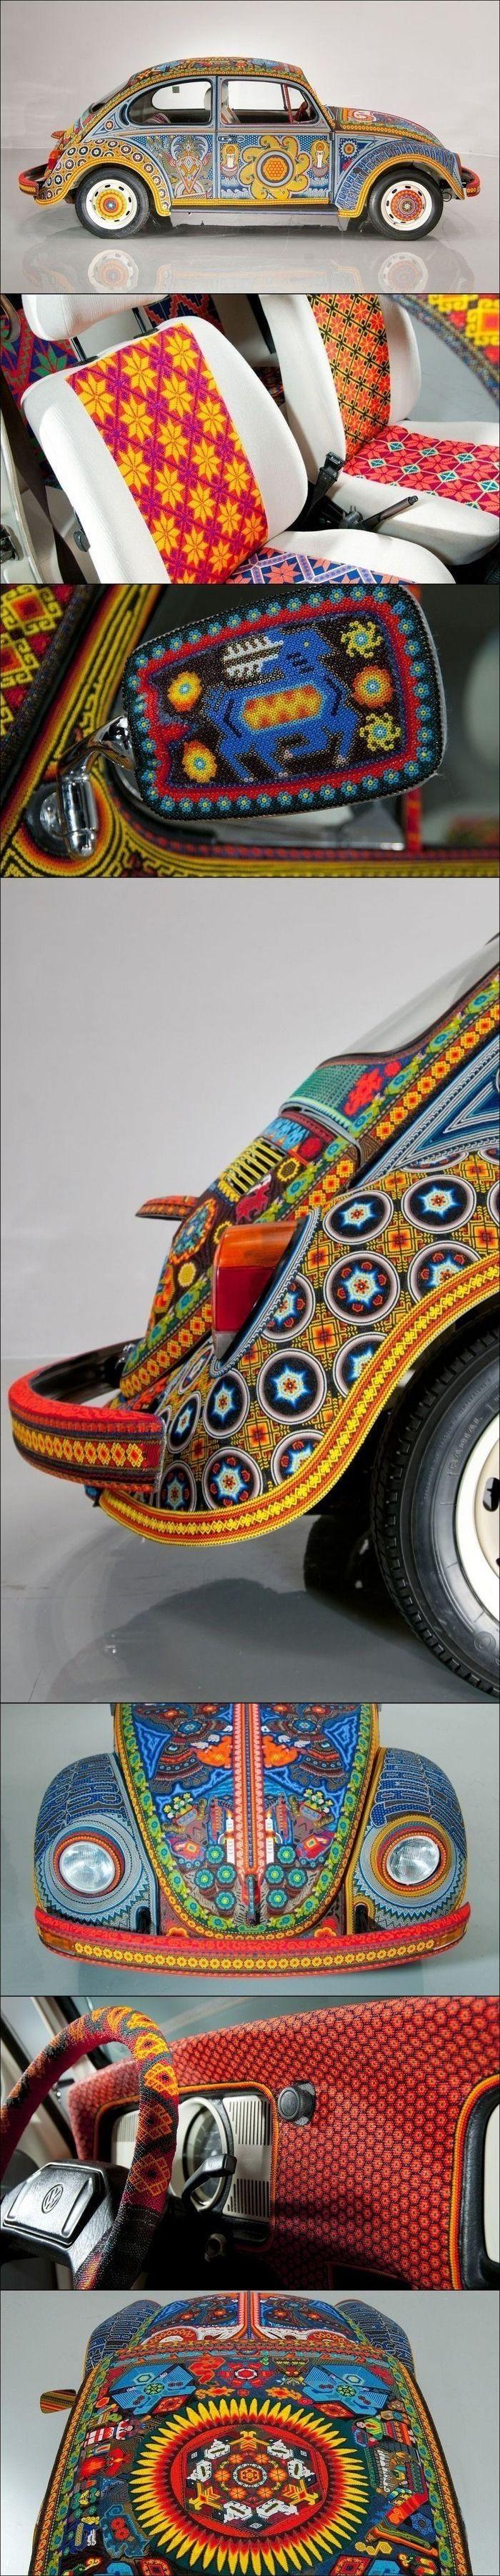 Любопытный Volkswagen Beetle выставили на показ в Германии. Автомобиль выпуска 1900 года, но не только это его отличает от других Фольцов этой модели! А фишка этого автомобиля в том, что он весь покрыт бисером. Даже внутри.Для етого пришлось потратить более 90 кг бисера, не считая клея, которого тоже ушло довольно много! Чтобы создать такой уникальный бисеромобиль, мастерам пришлось потратить более 9000 часов.